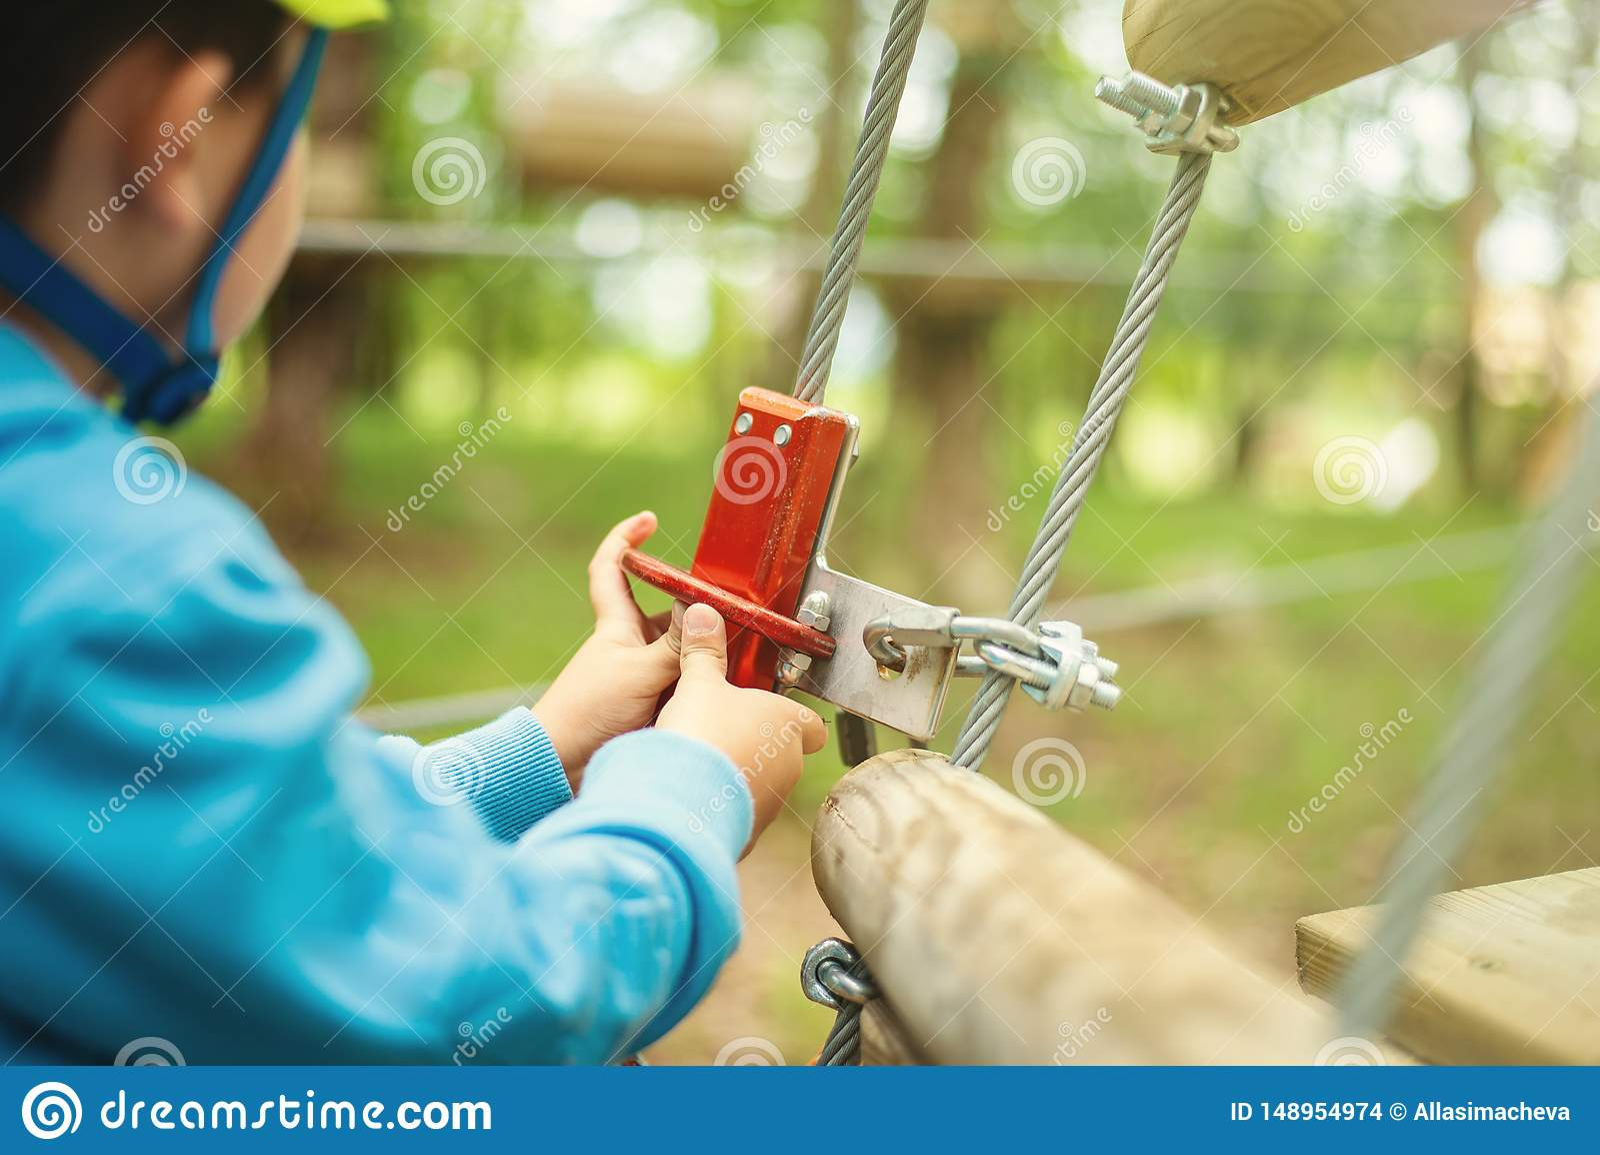 M?oda ch?opiec przechodzi kablow? tras? w?r?d drzew, kra?cowy sport w przygoda parku